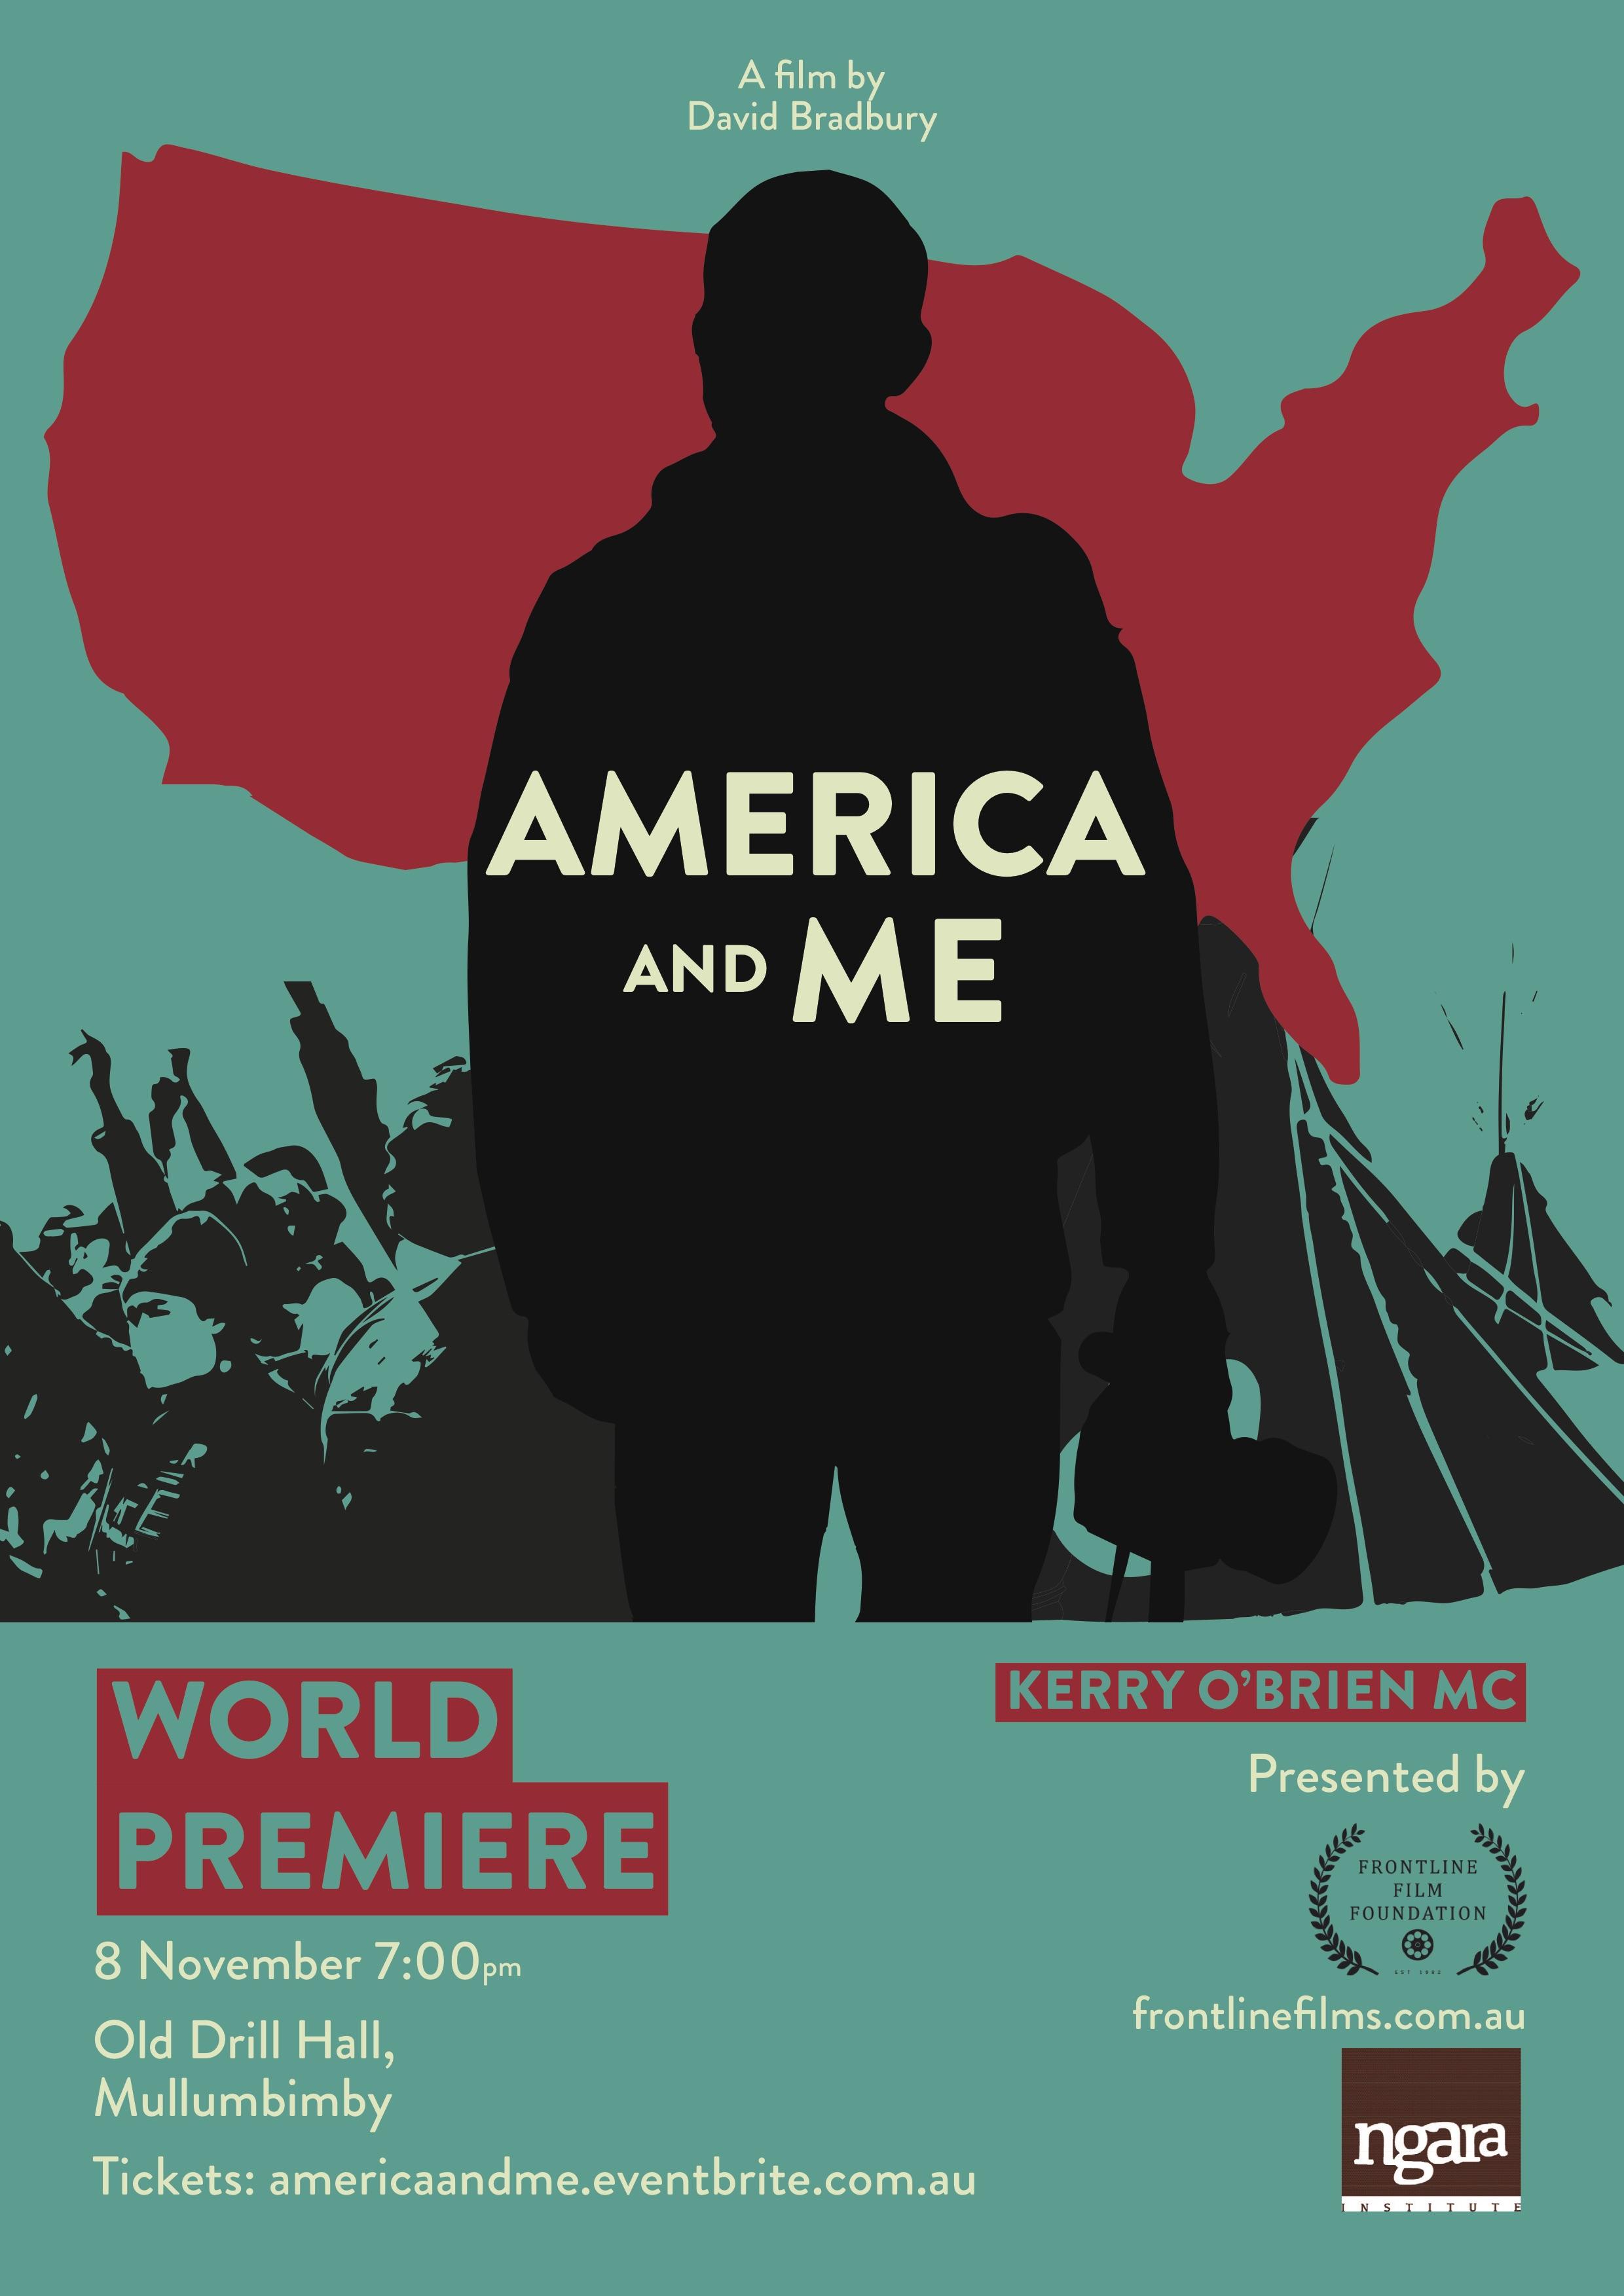 America and me-final.jpg